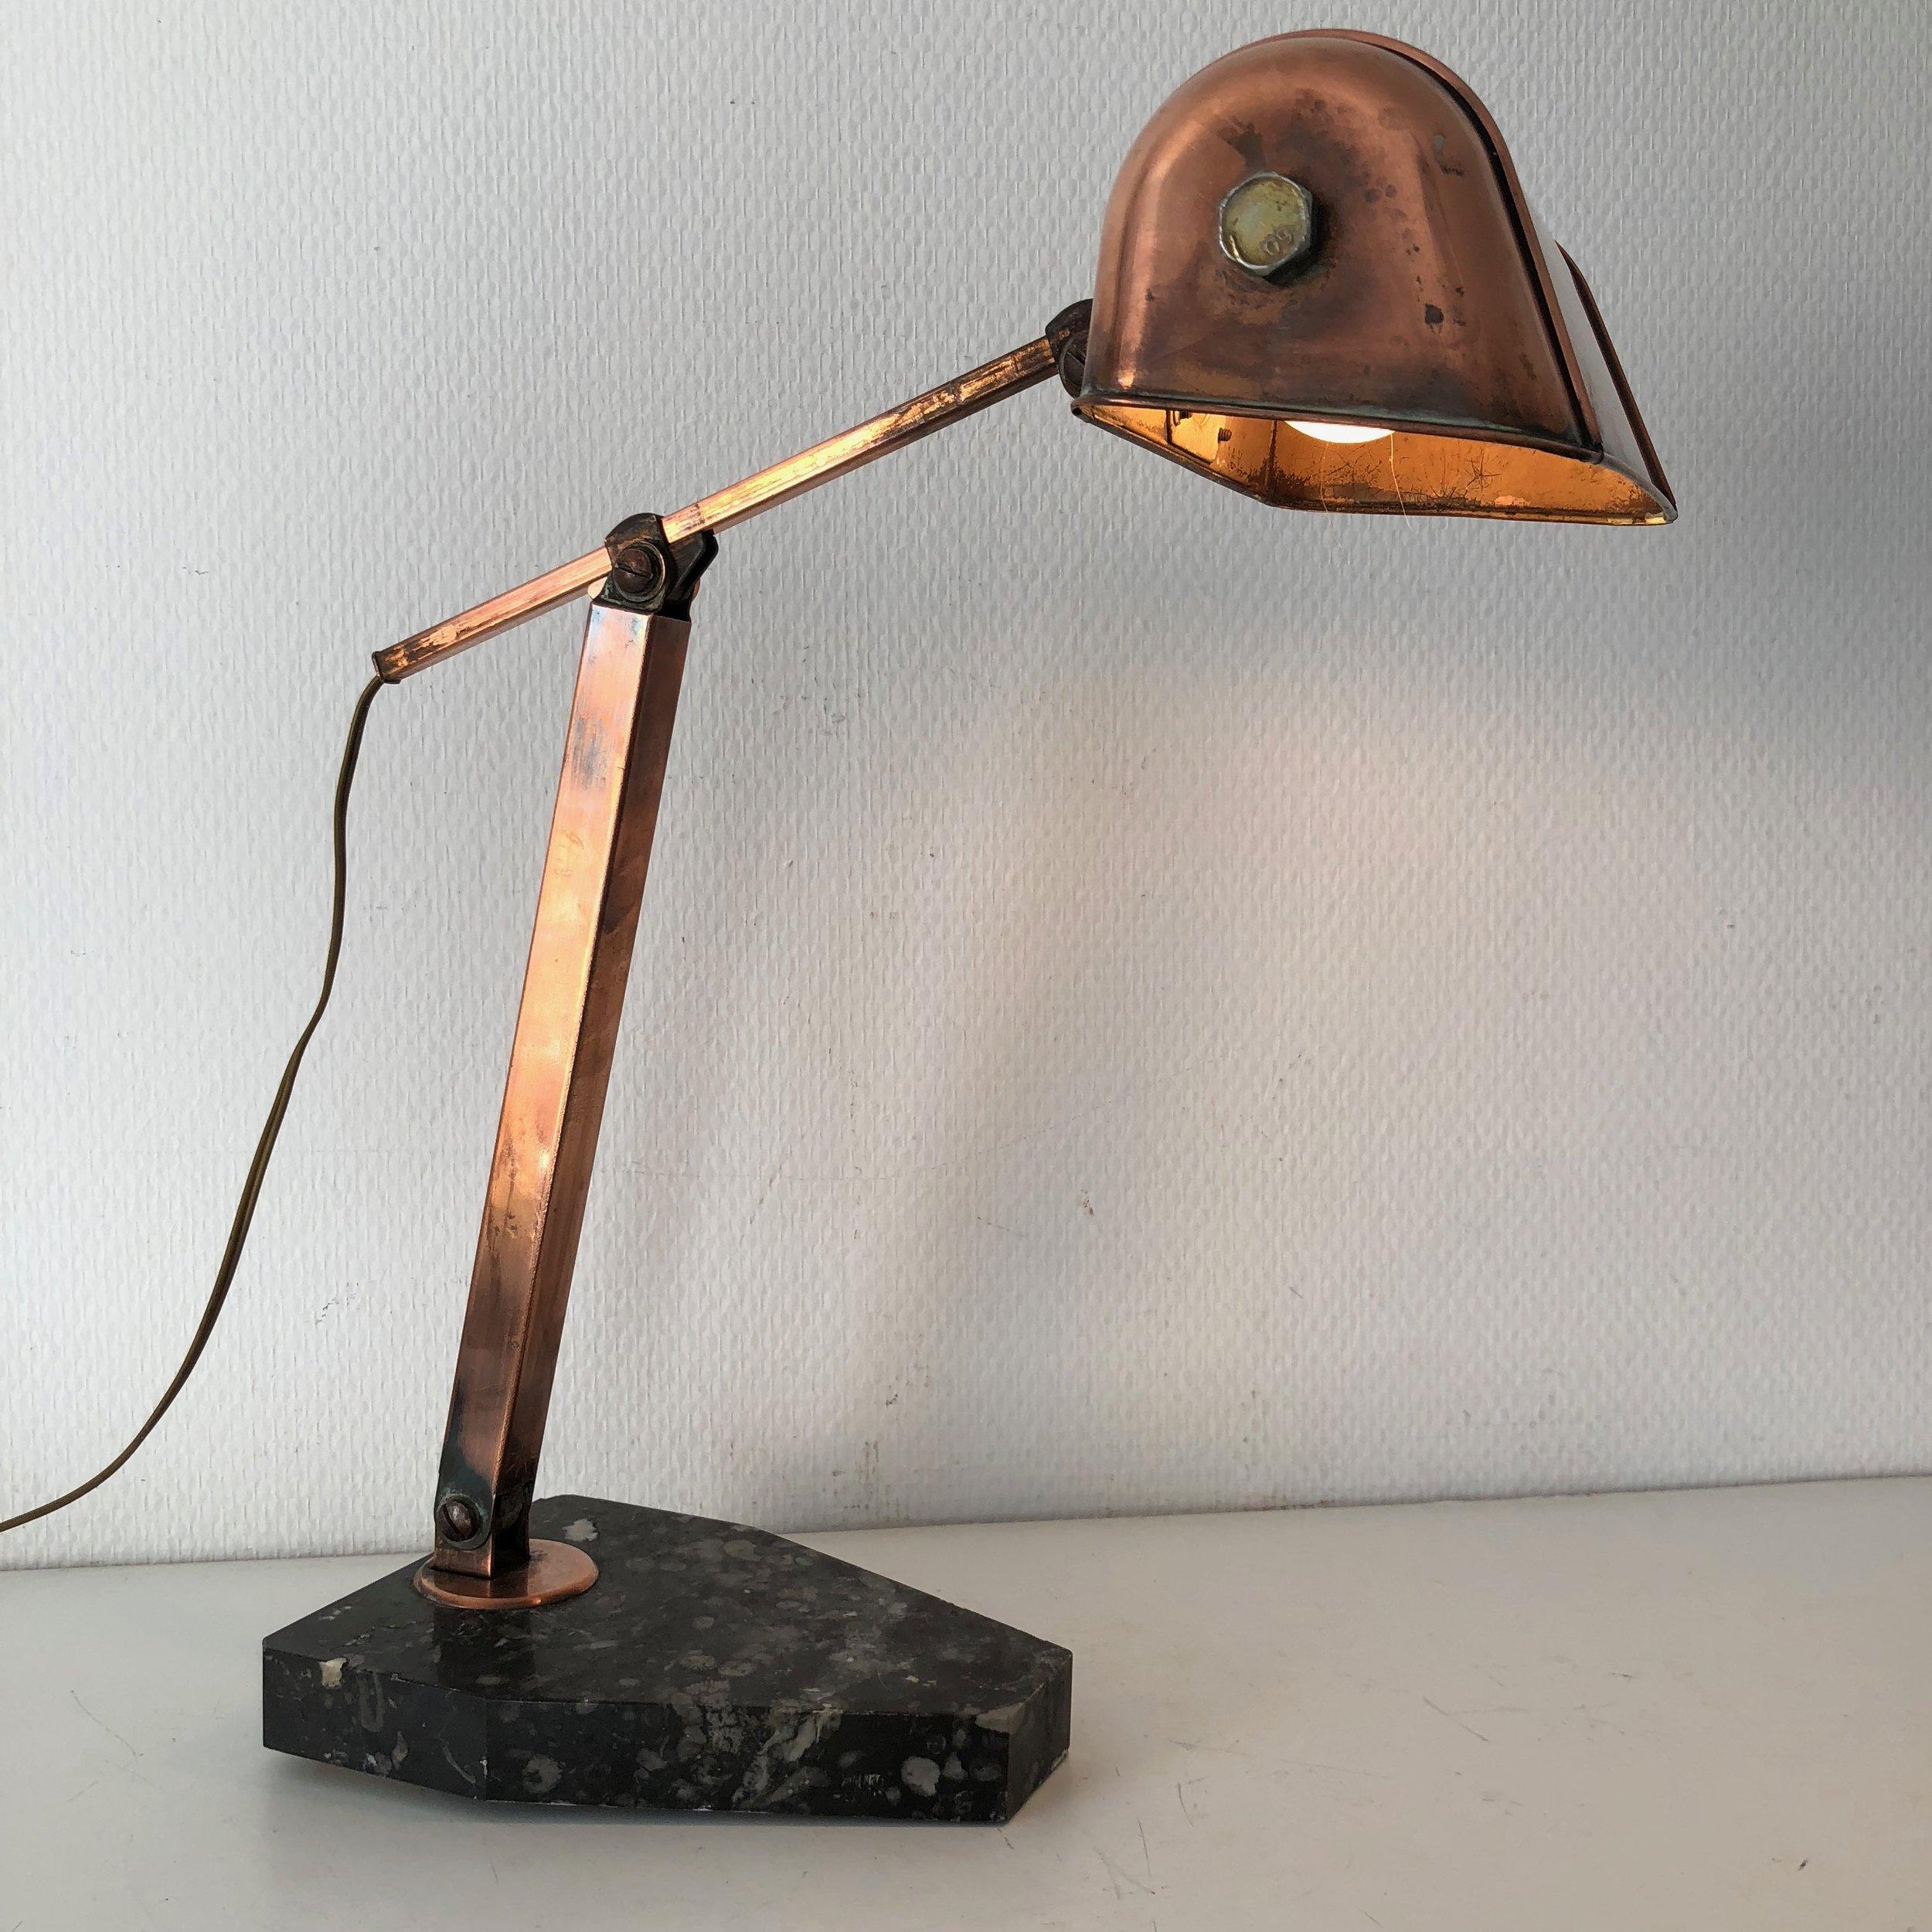 Fare Marbre 1930 Laiton Tk1c3uj5lf Cuivre Lampe Vintage TlFc1JK